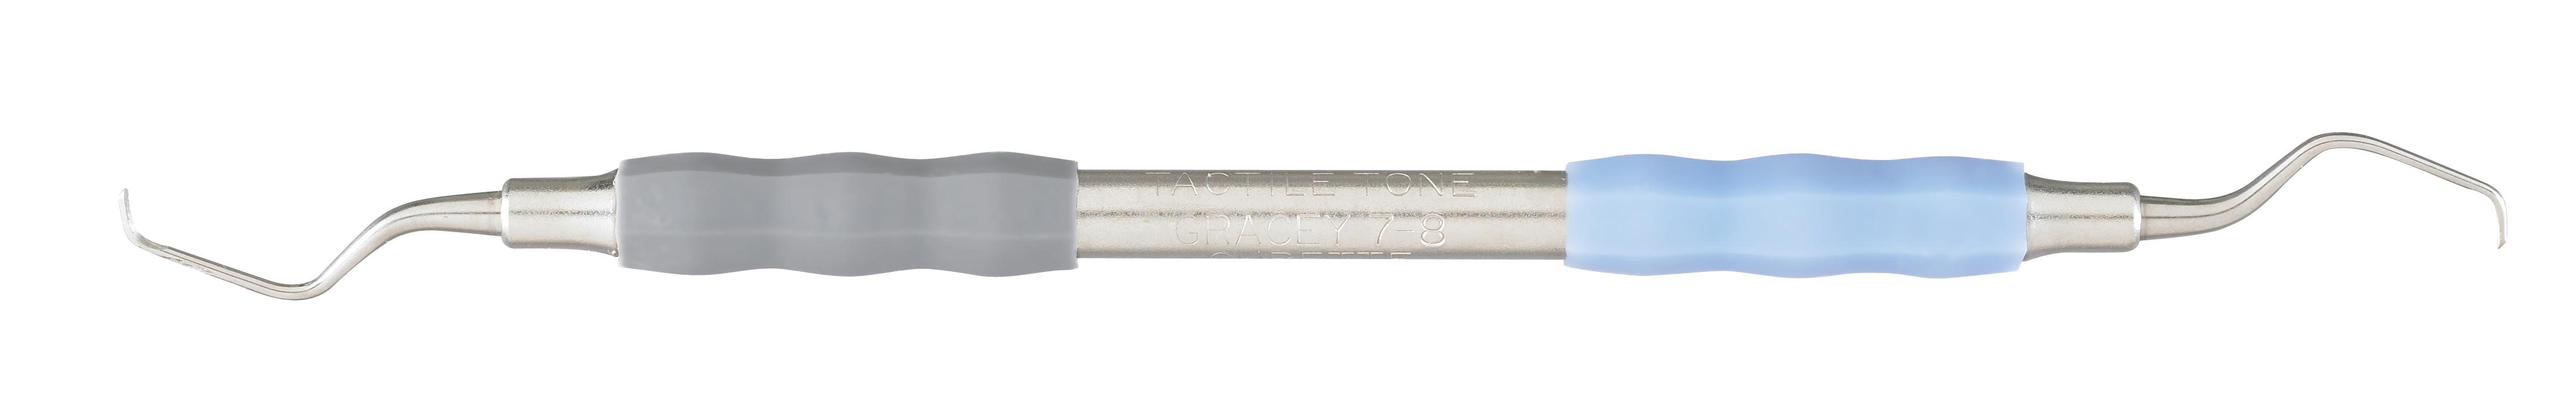 gracey-7-8-curette-tactile-tone-double-end-tpg78-miltex.jpg